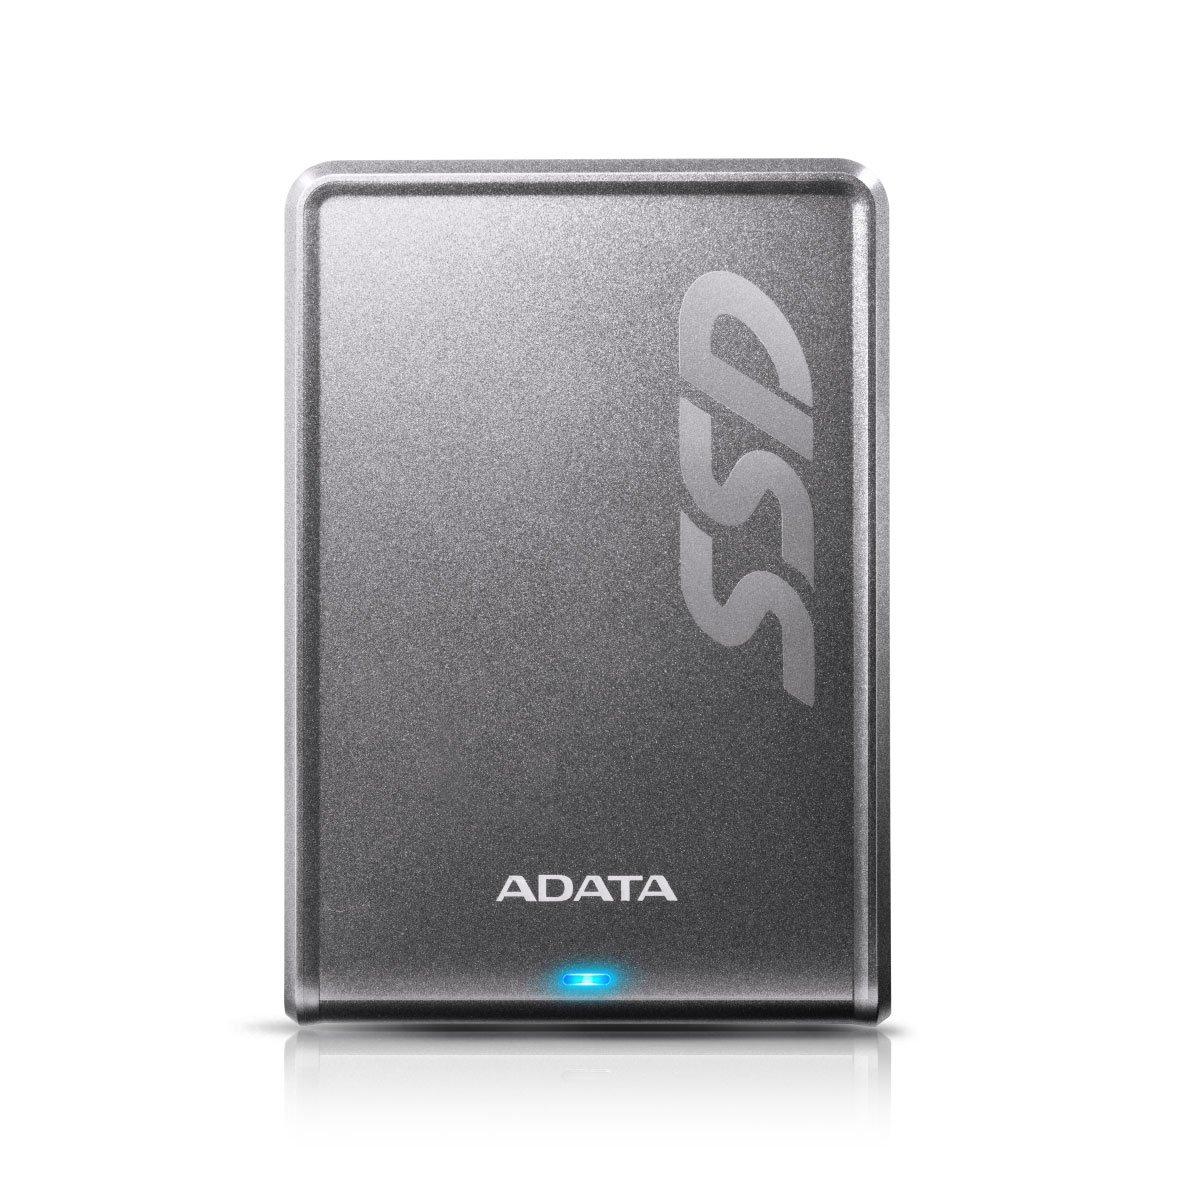 ADATA SV620 480GB USB 3.0 External Solid State Drive (ASV620-480GU3-CTI)